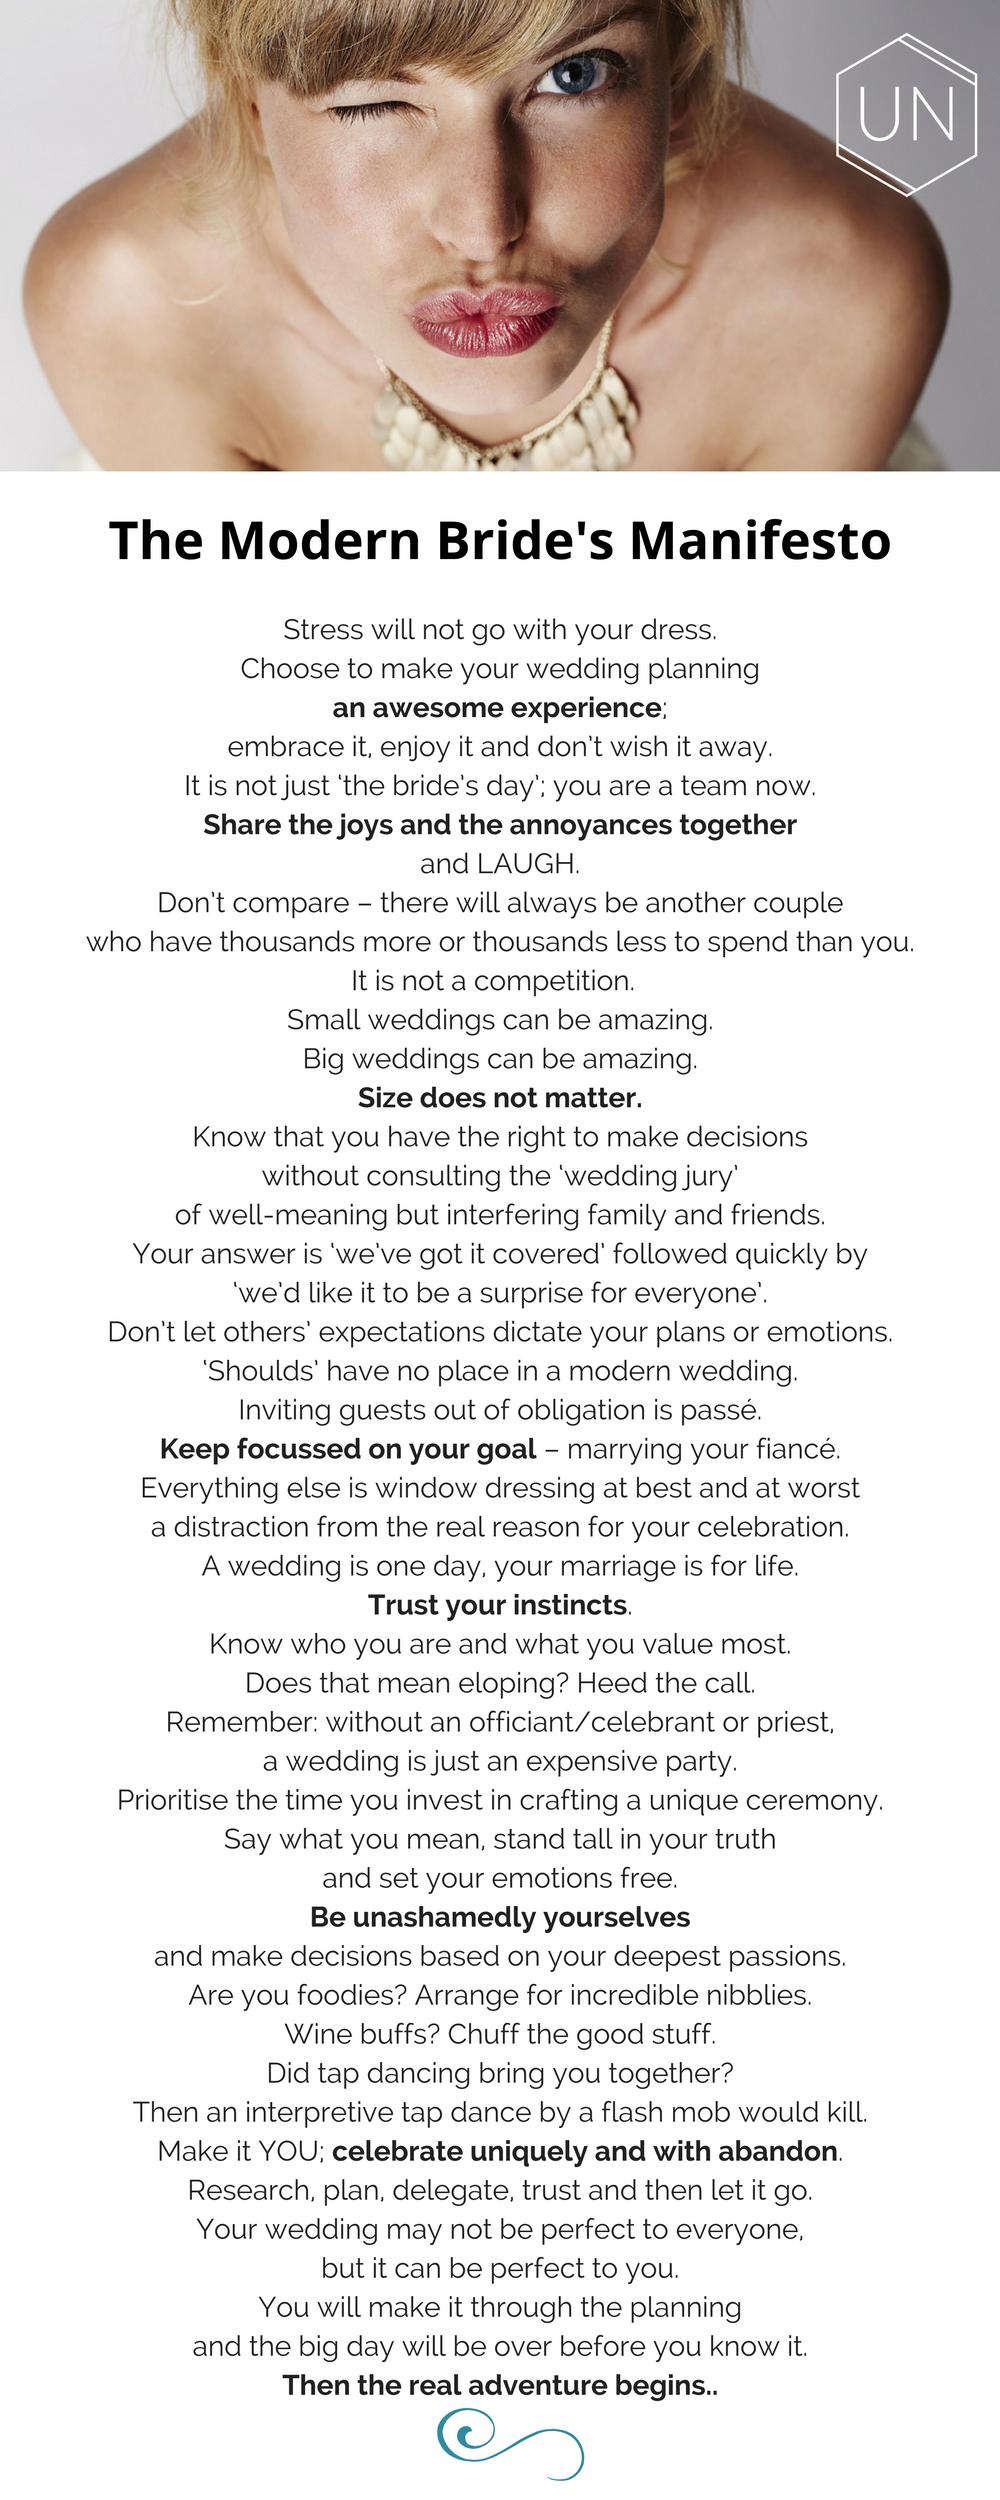 The Modern Bride's Manifesto - Unbridely